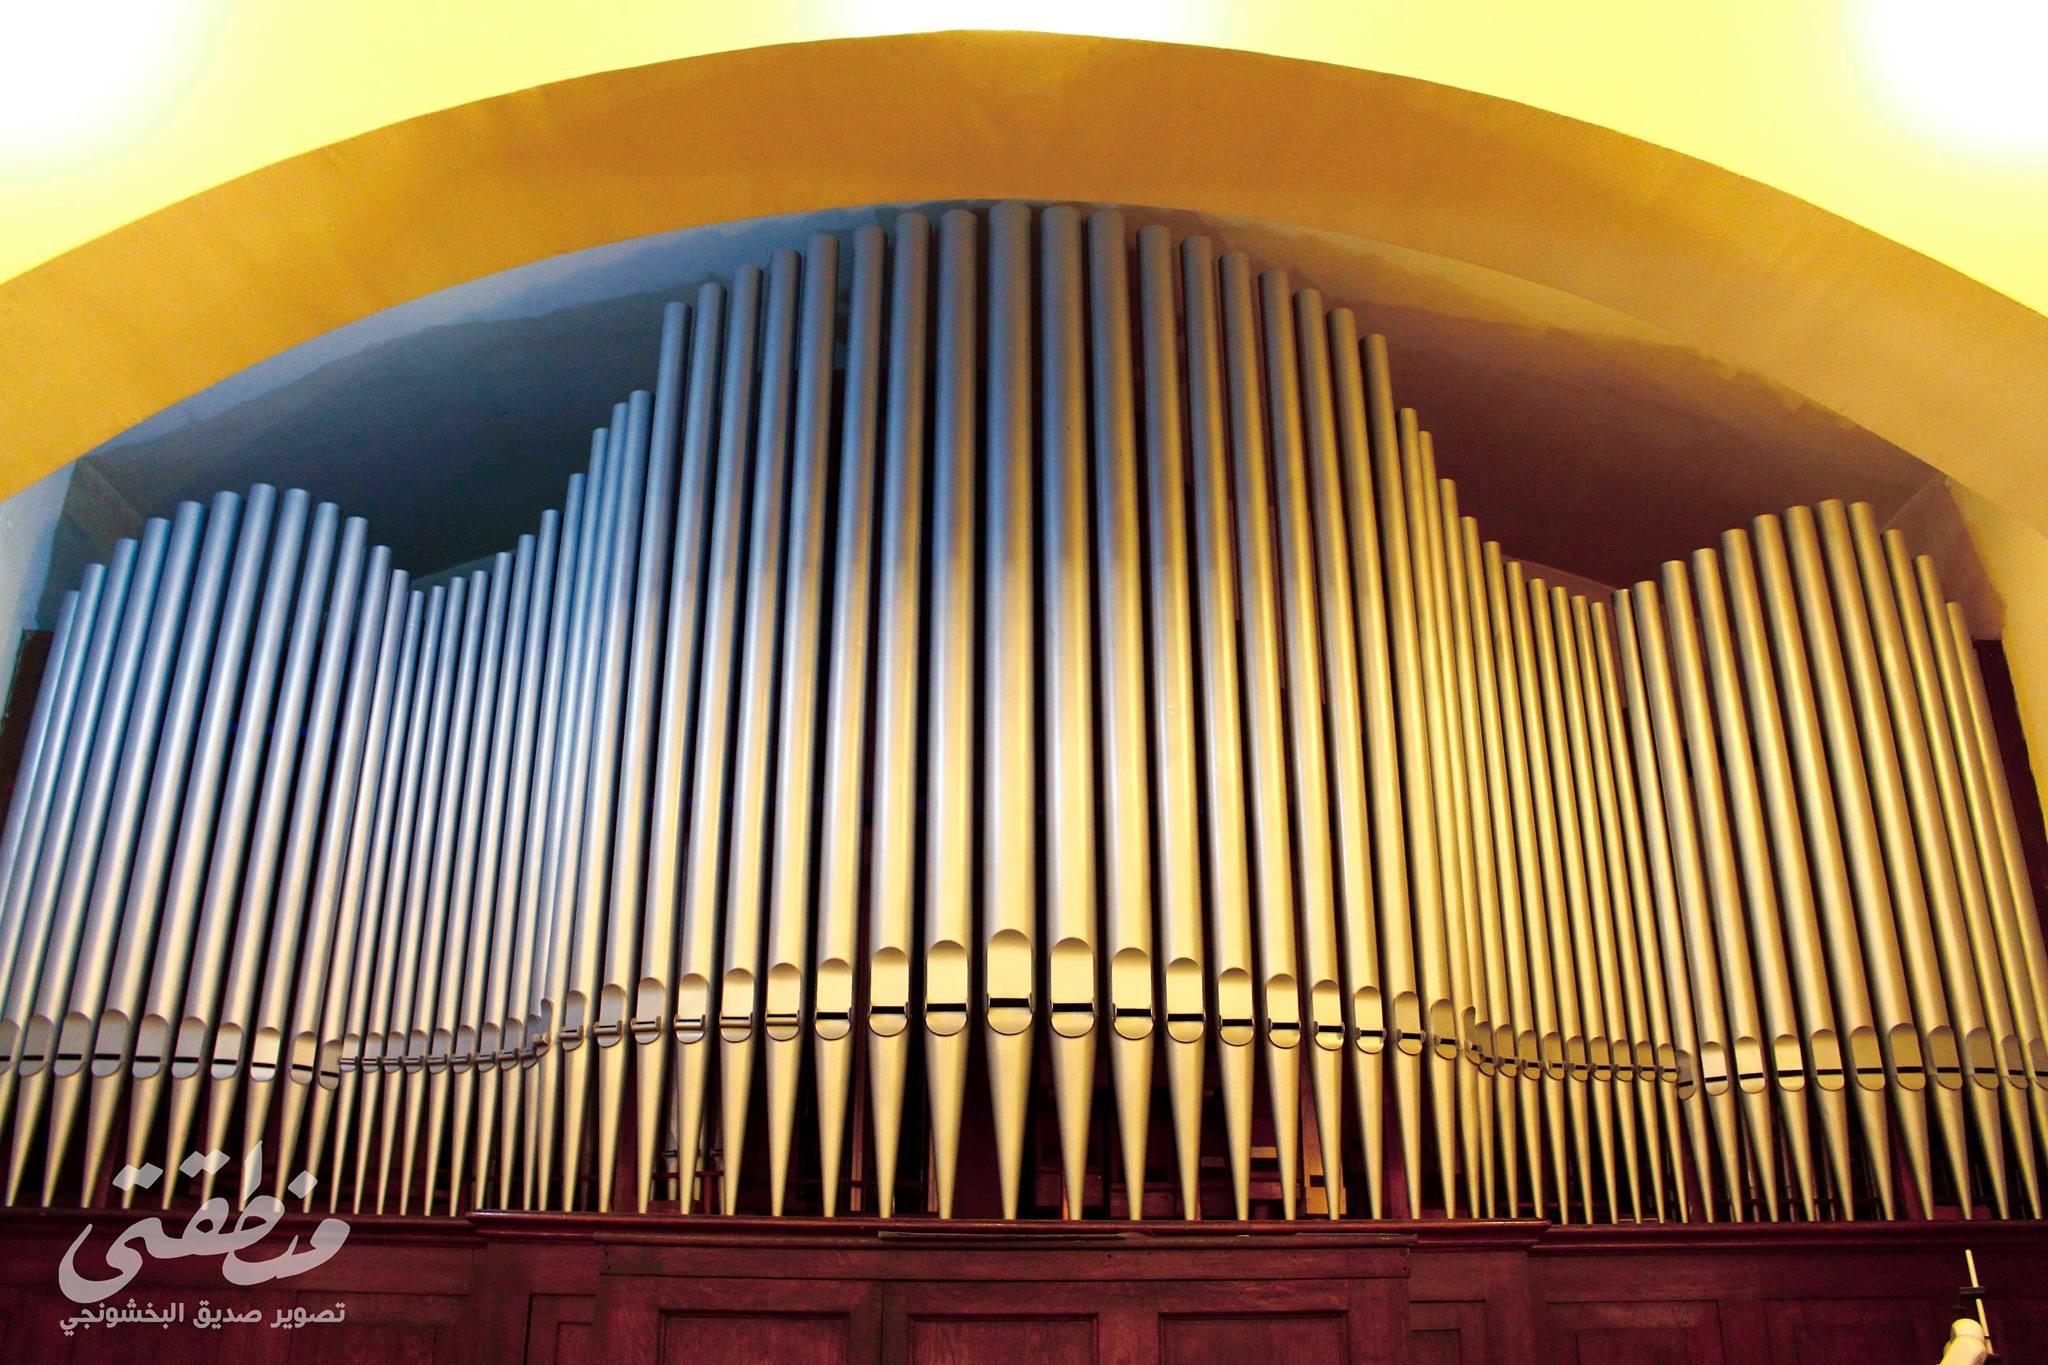 آلة الأرغن الموسيقية داخل الكنيسة الألمانية